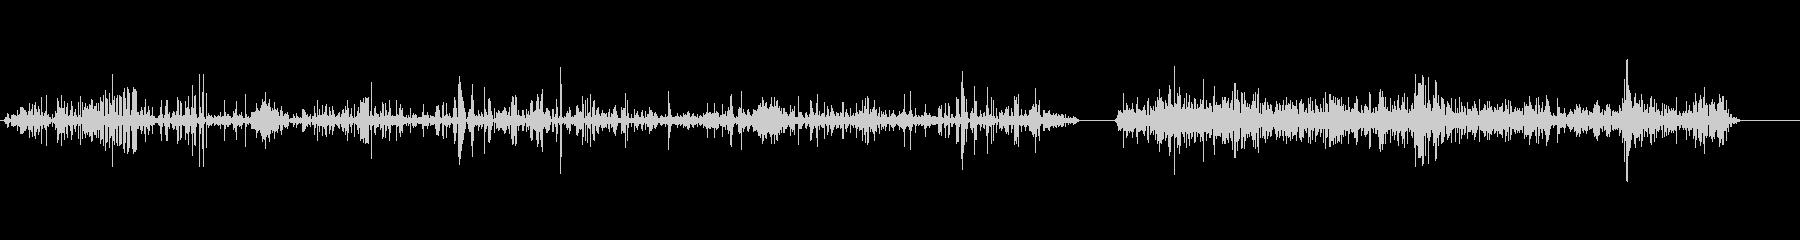 ファームチキンファームチキンアンビ...の未再生の波形